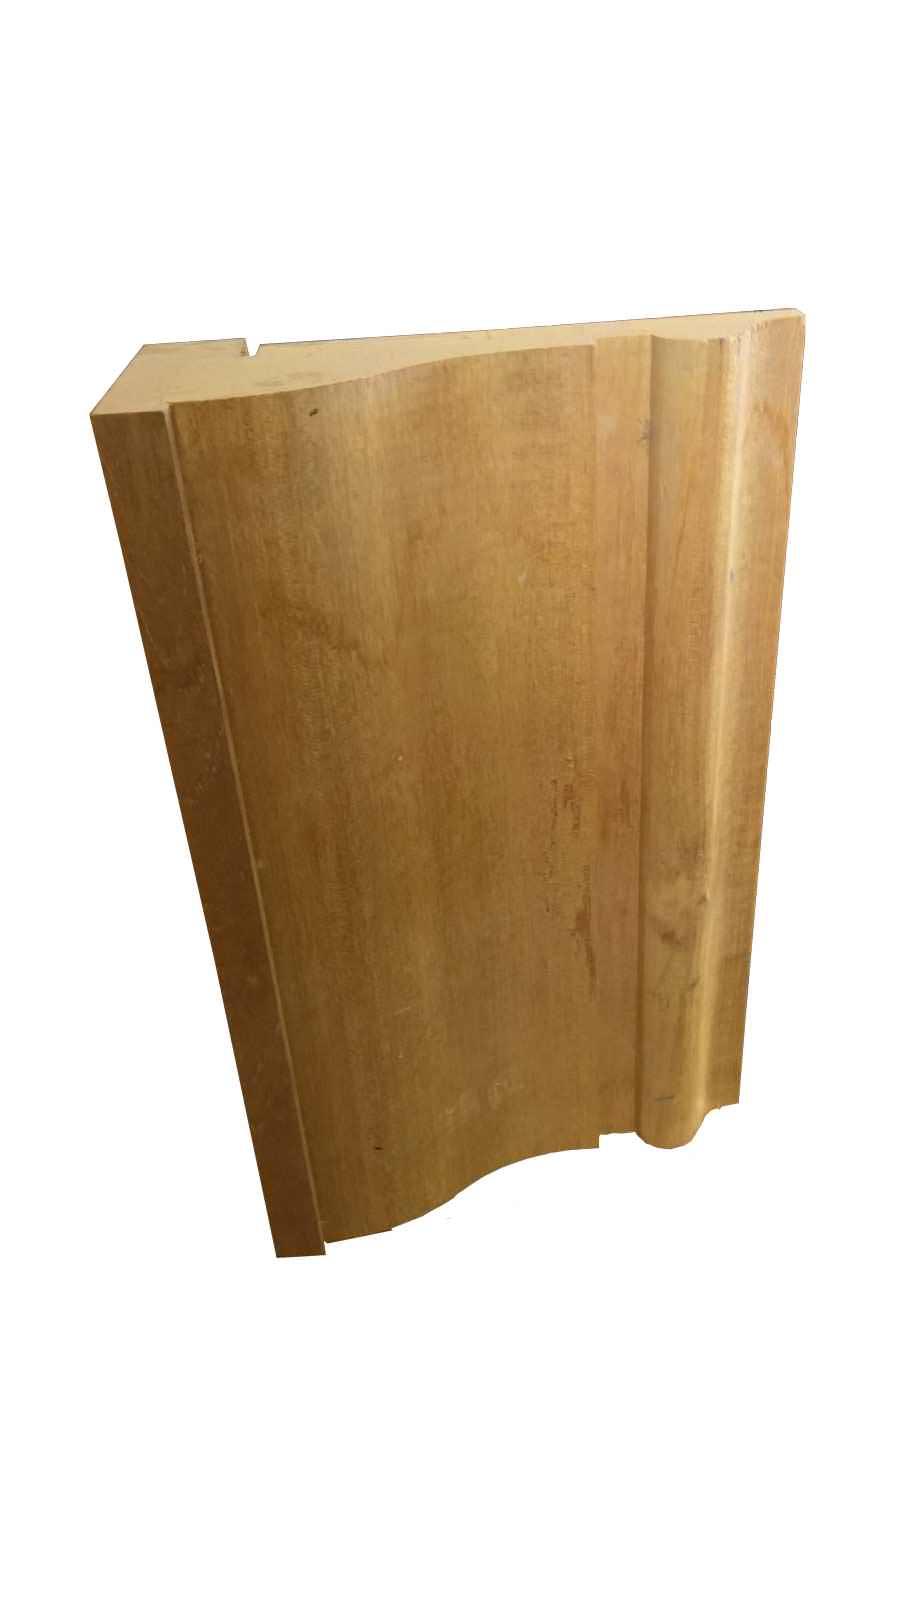 Εξωτερική κορνίζα πλαισίων πορτών πλάτους 32εκ. μασίφ ξύλο